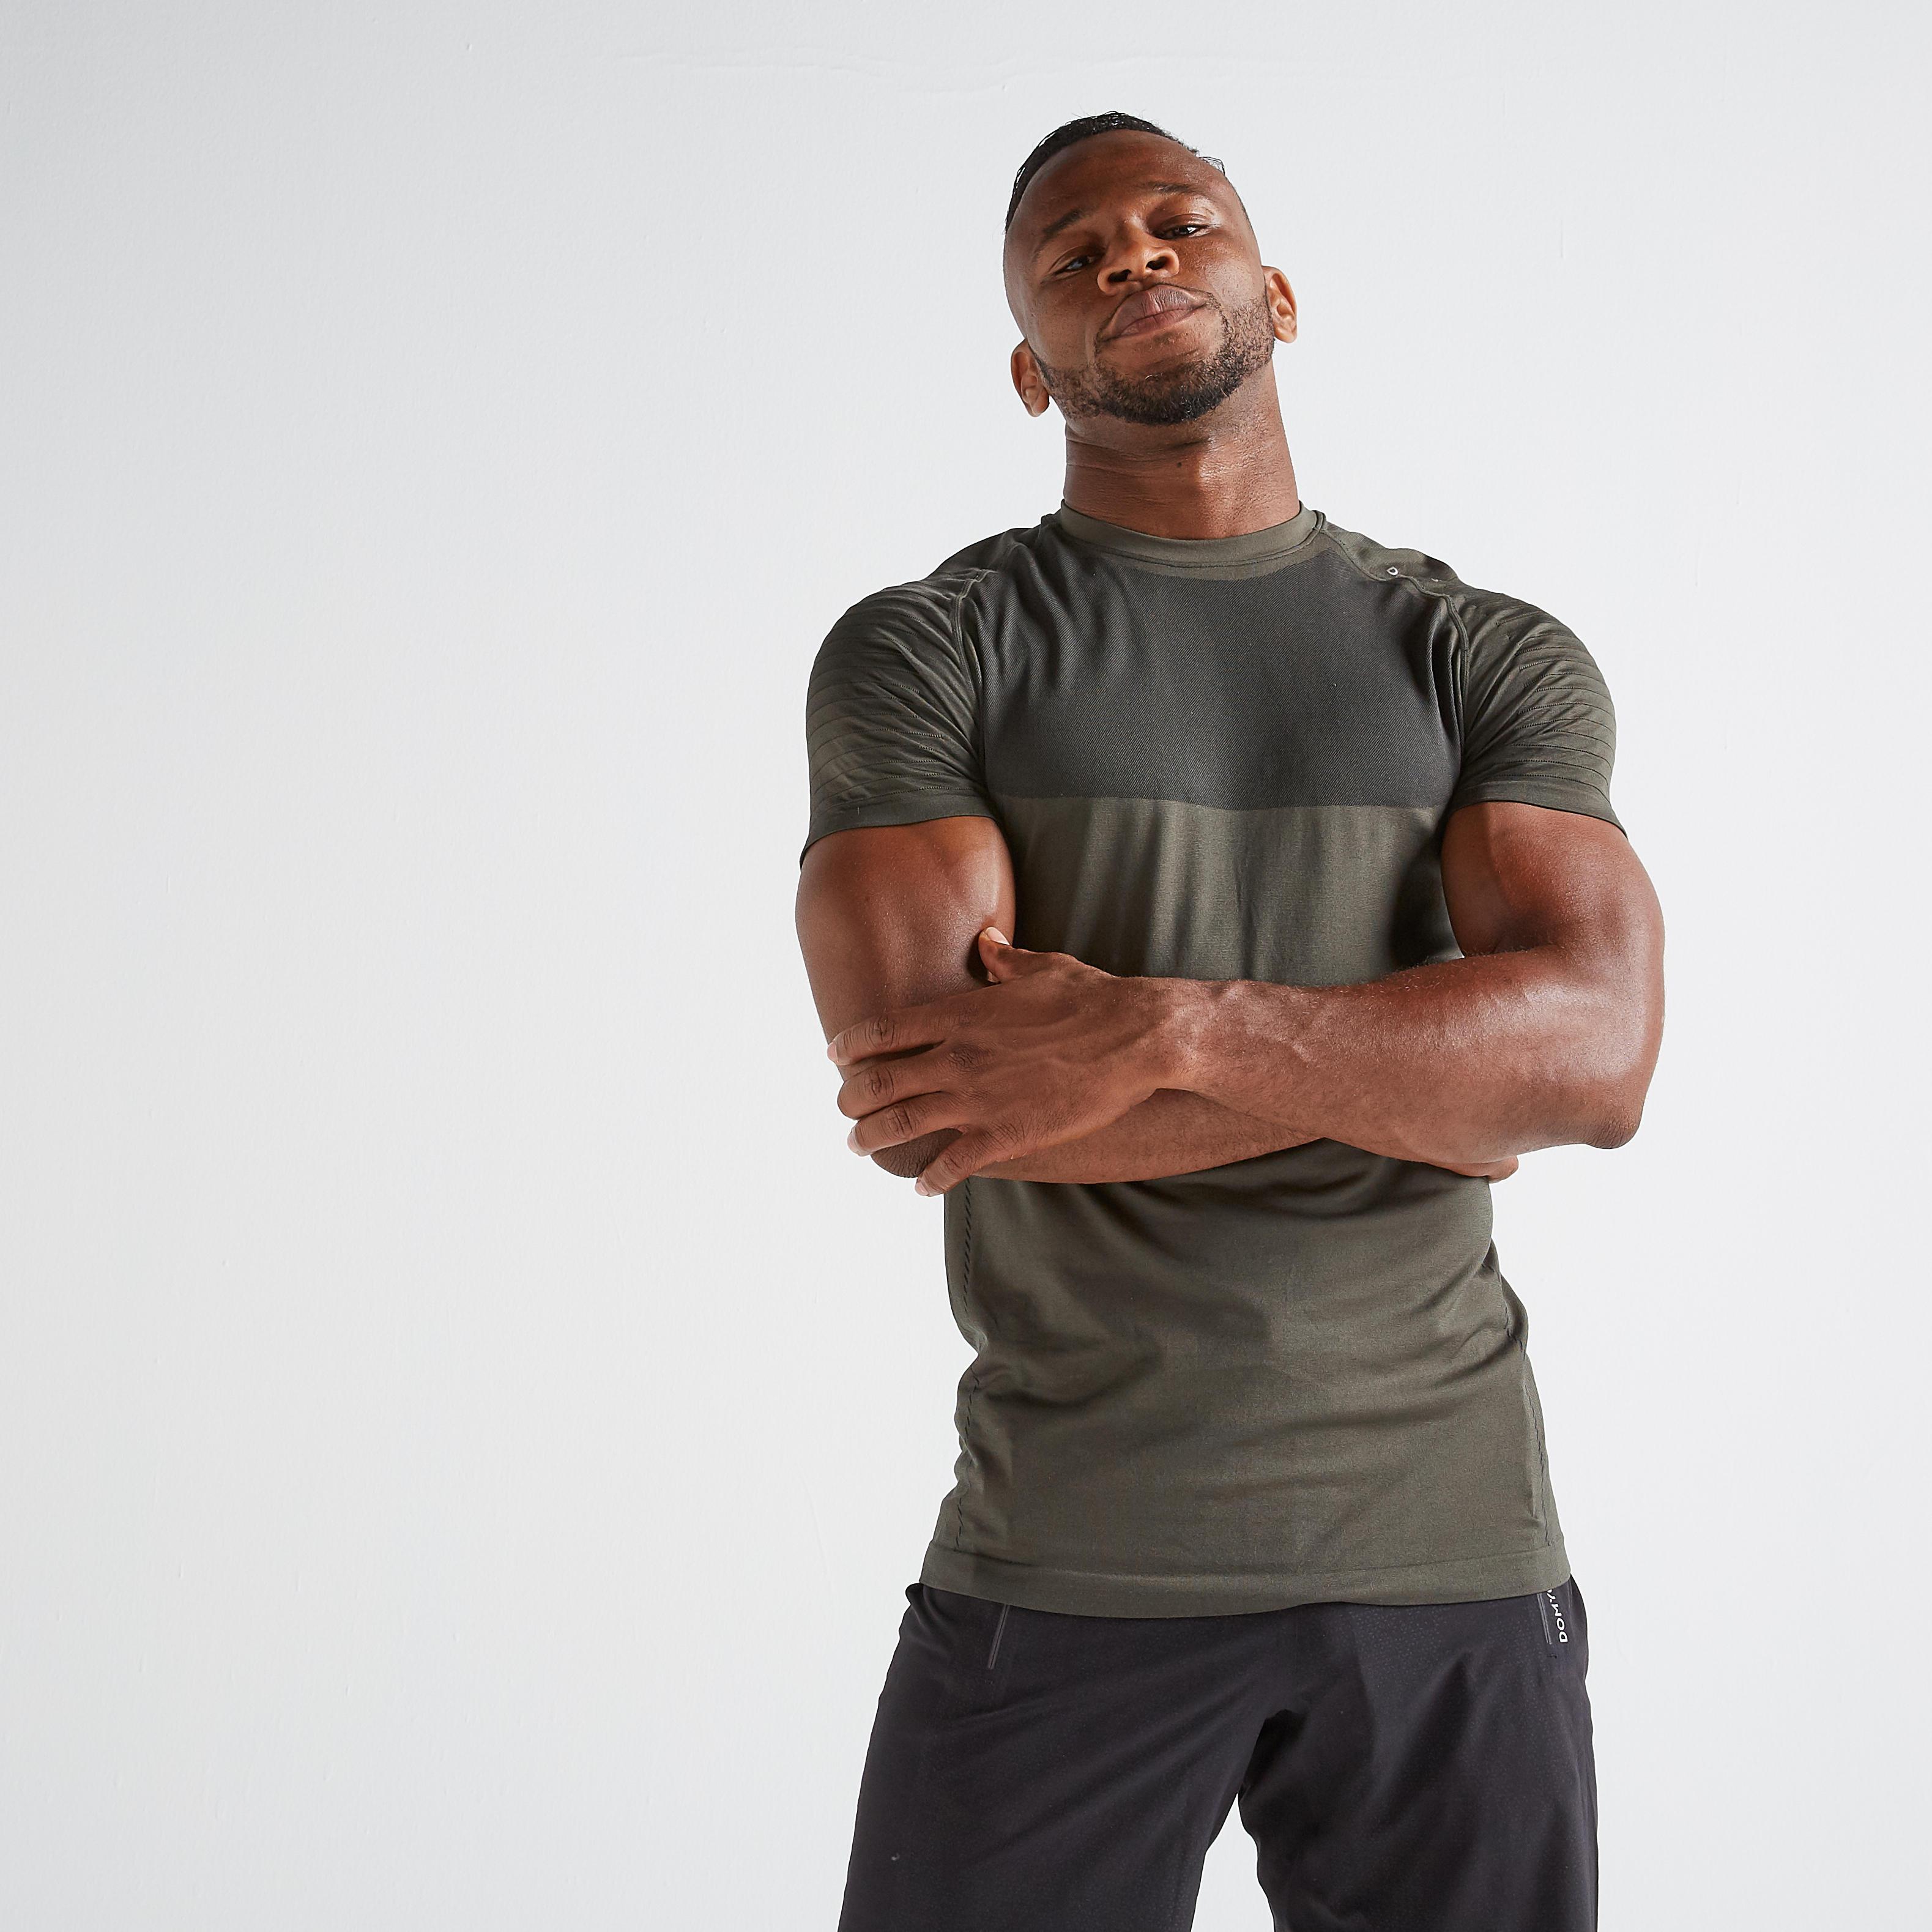 diseño moderno selección mundial de Precio pagable Comprar Ropa Fitness y Gimnasio de Hombre online   Decathlon